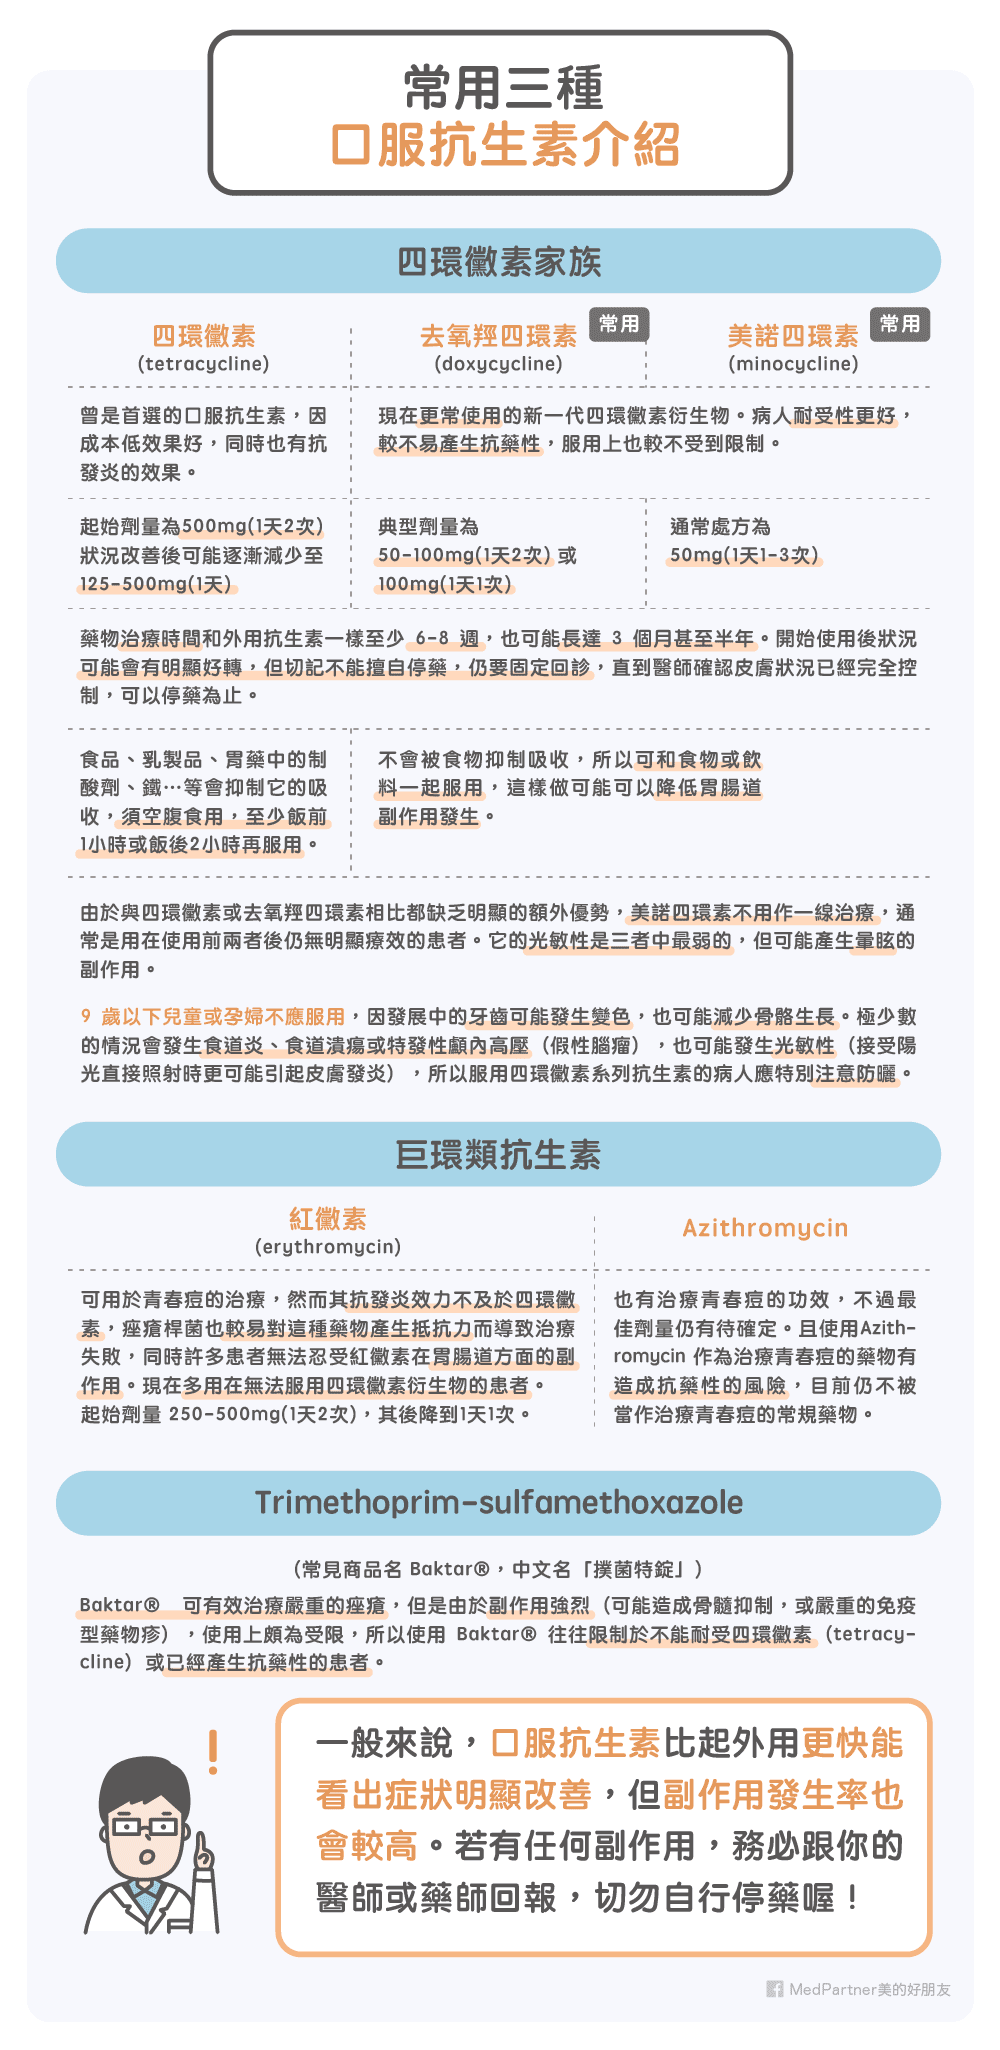 青春痘口服外用抗生素_口服介紹